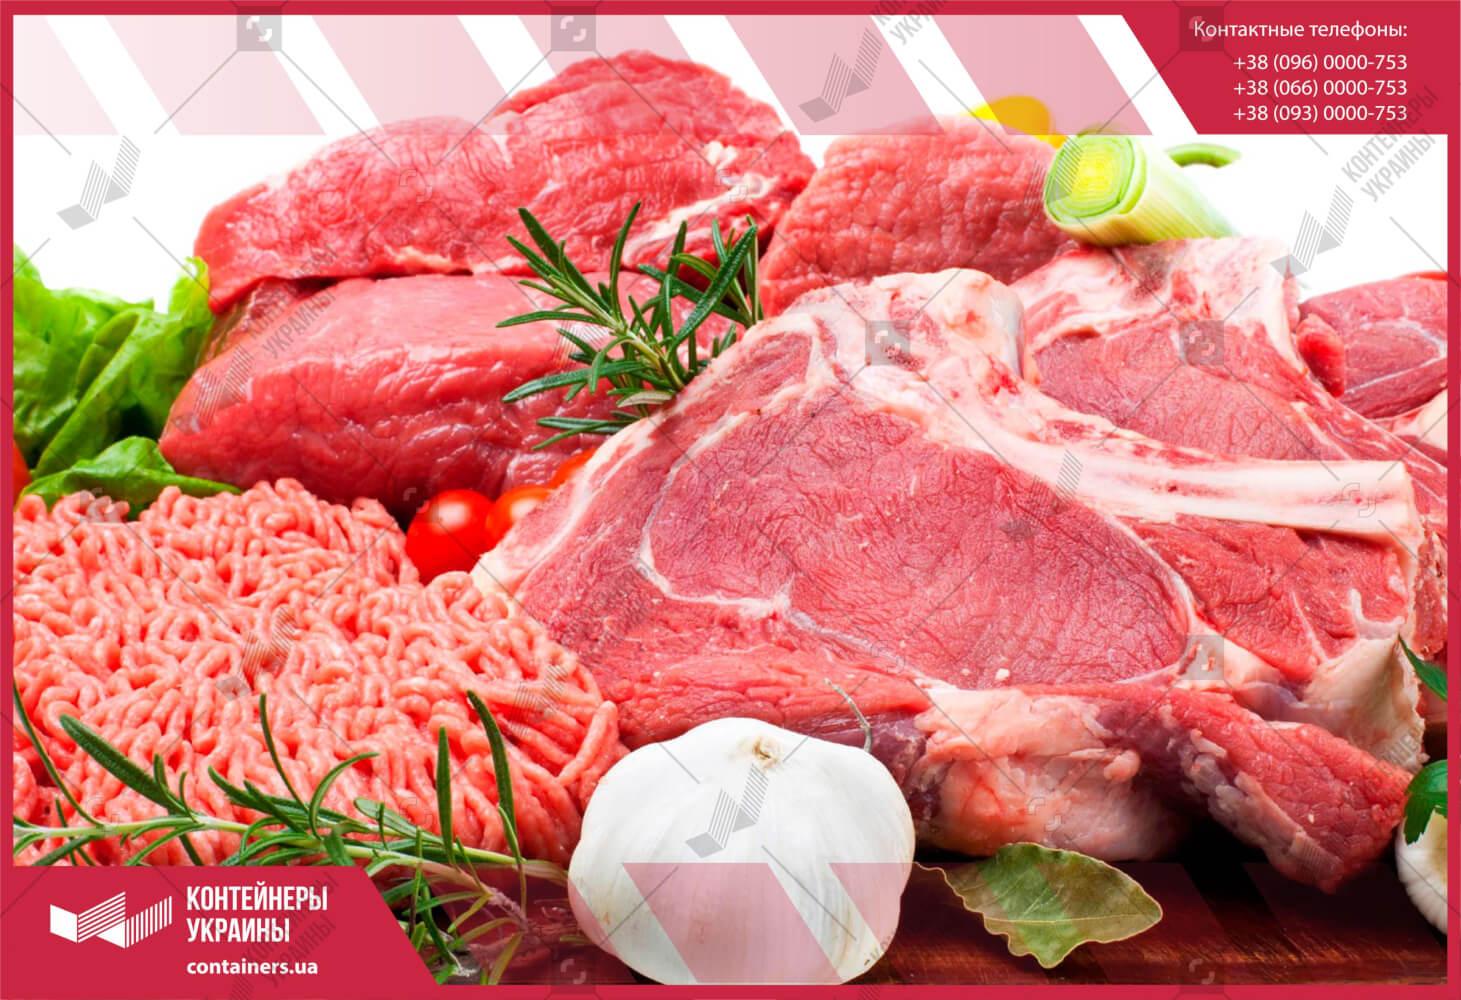 Хранение и перевозка сырого мяса